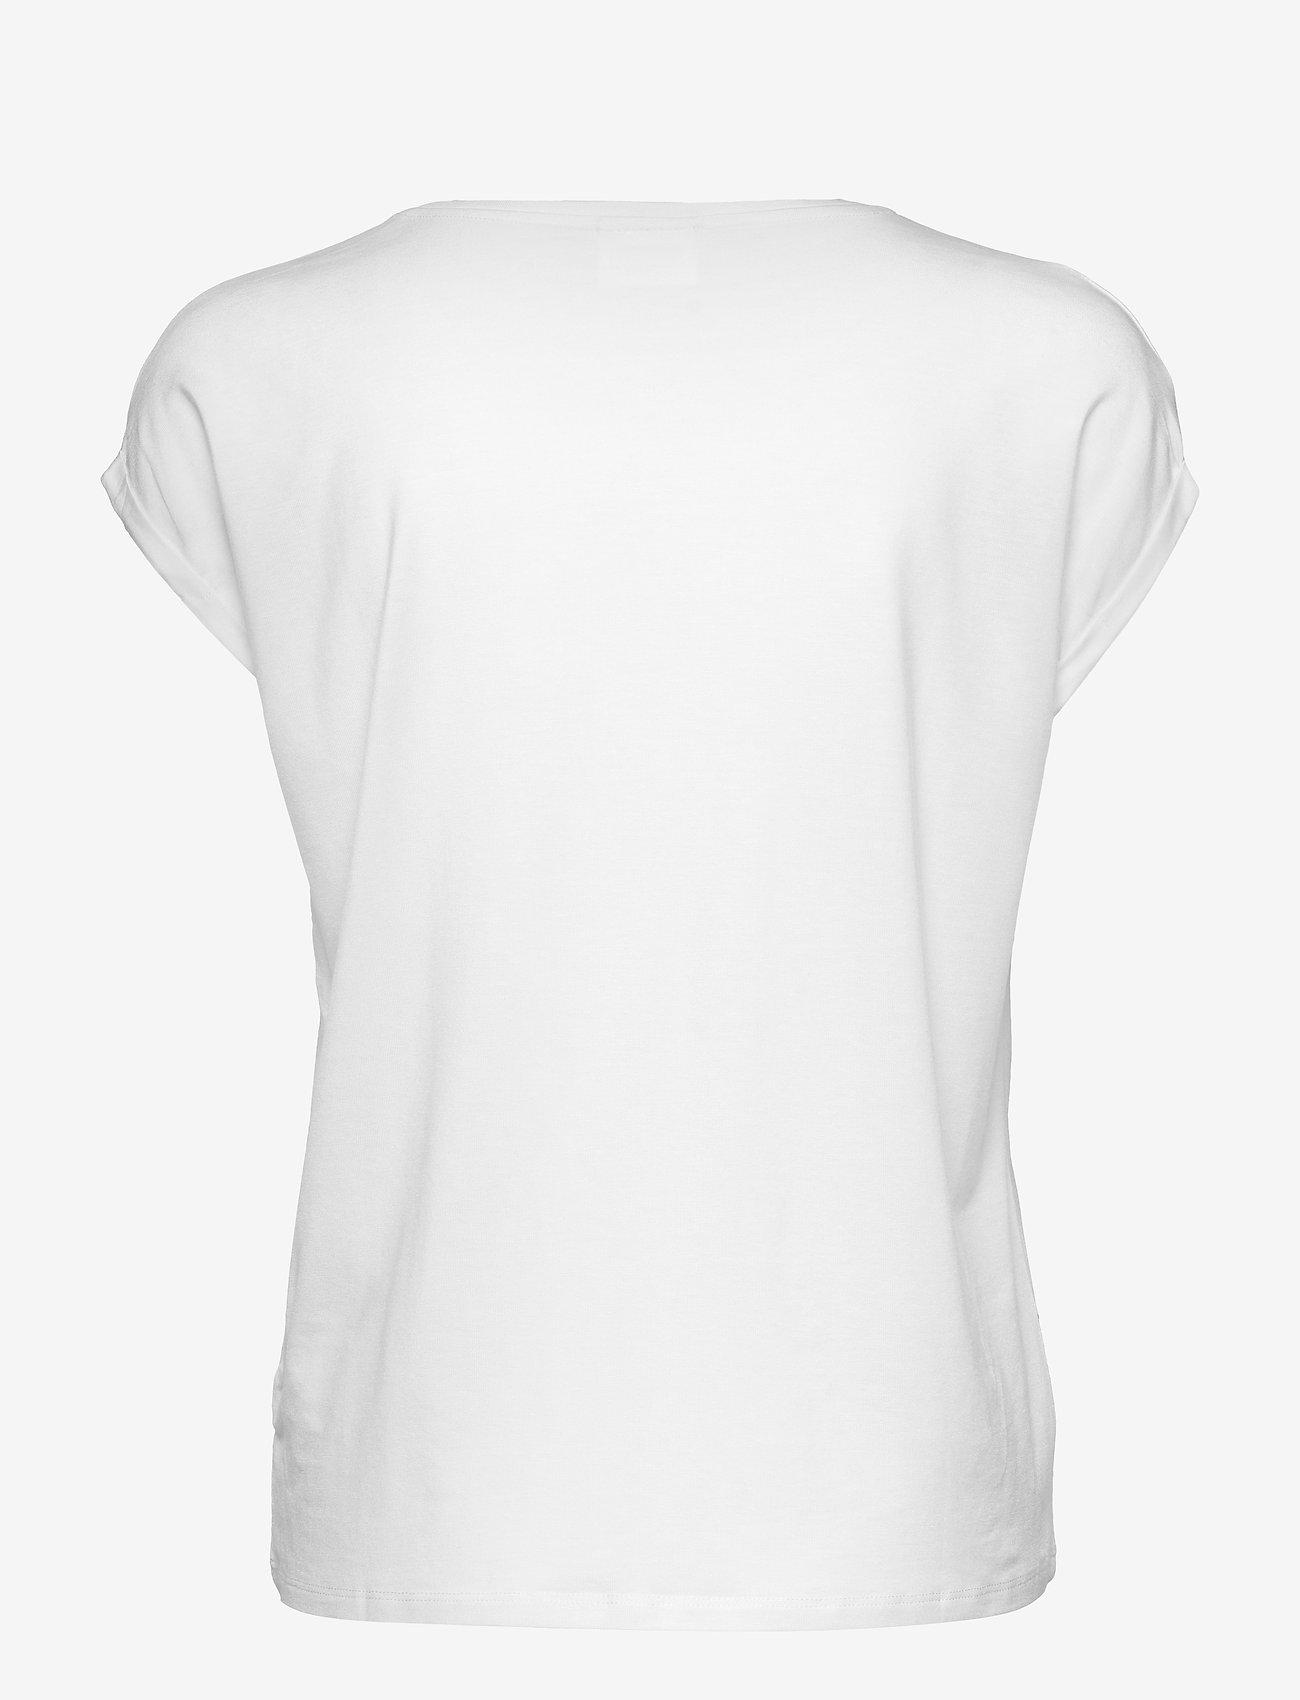 Vero Moda - VMAVA PLAIN SS TOP GA NOOS - t-shirts - snow white